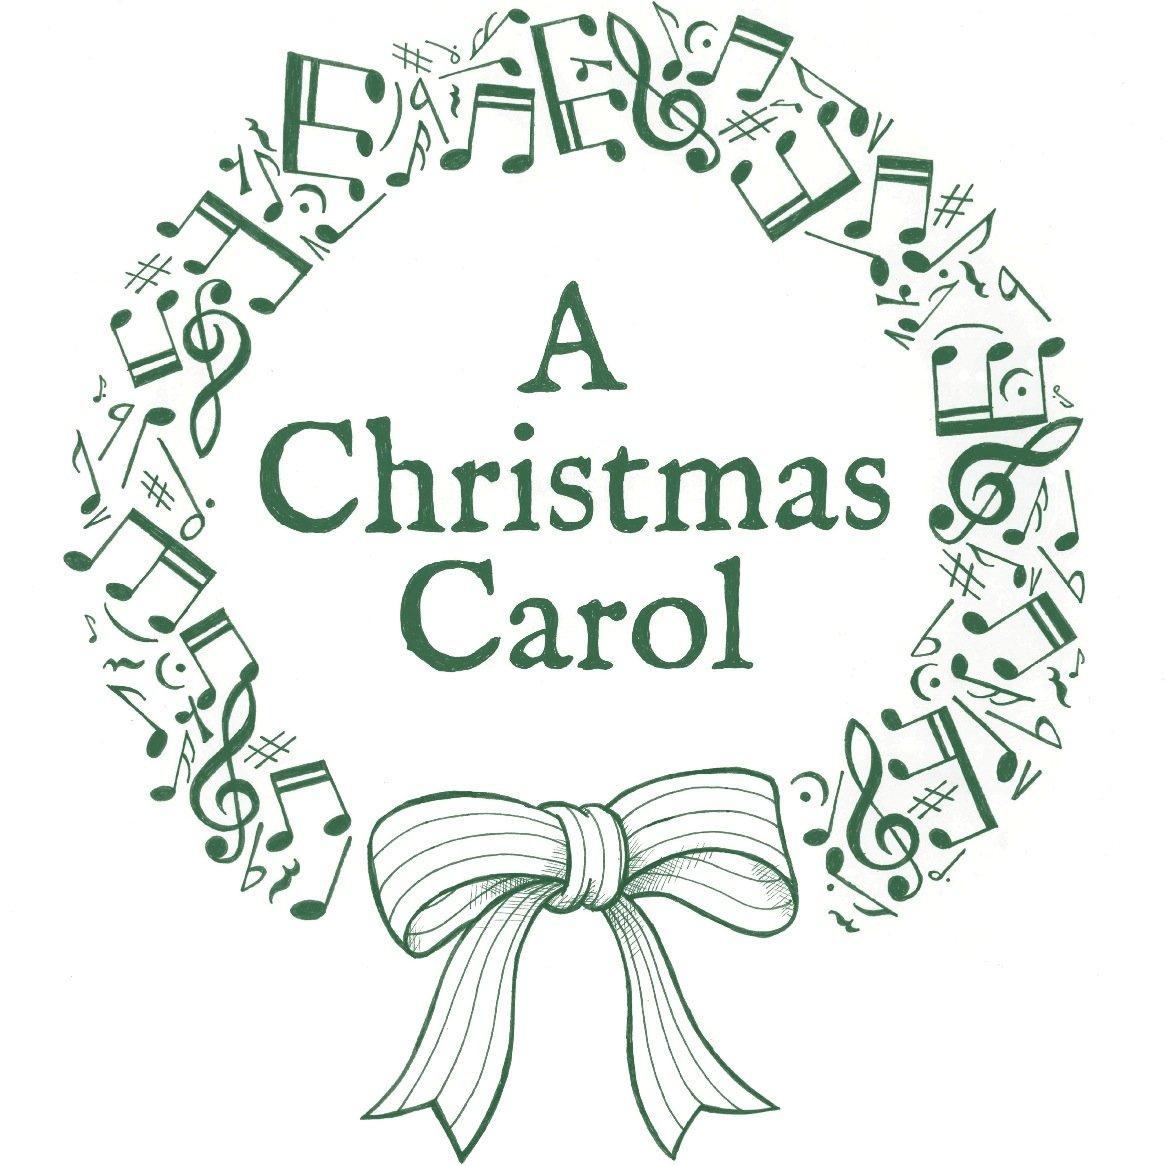 a christmas carol carolcantata  a christmas carol